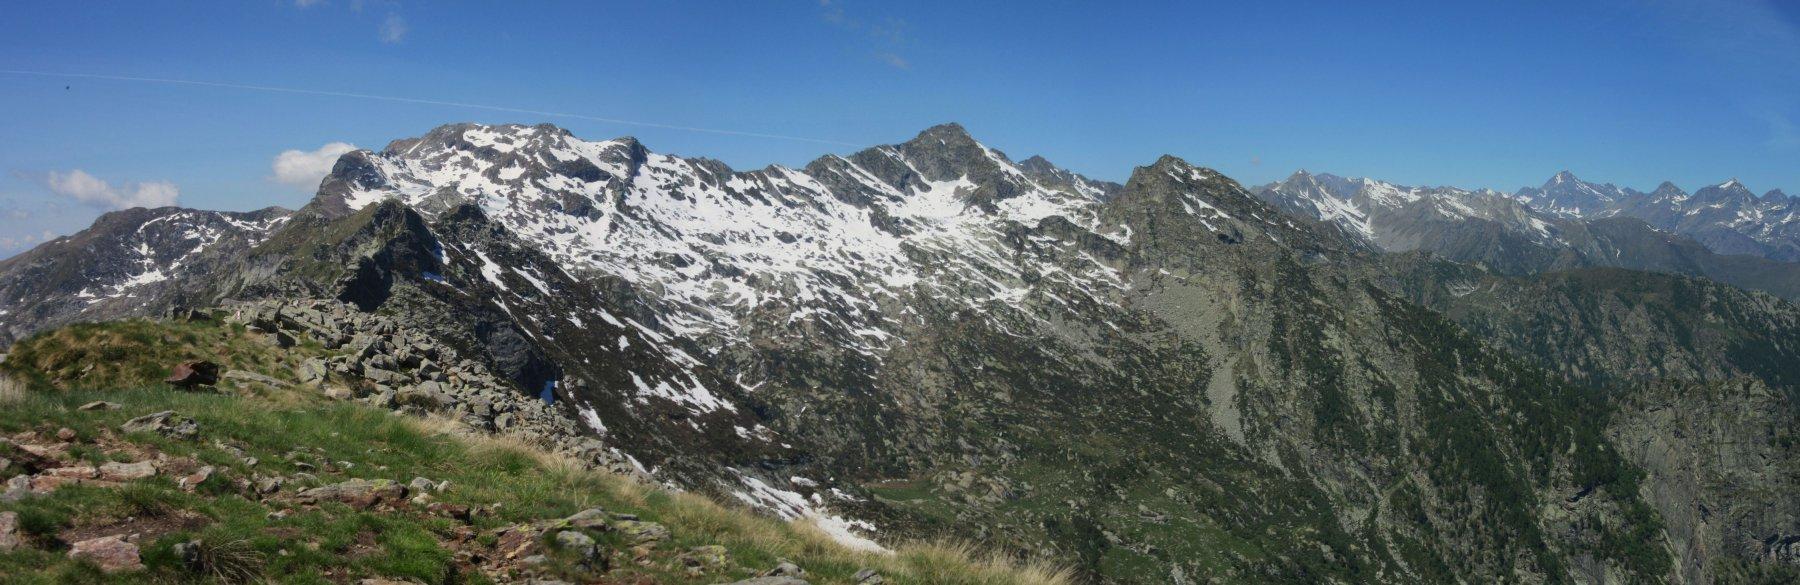 Panorama verso le montagne della Valchiusella